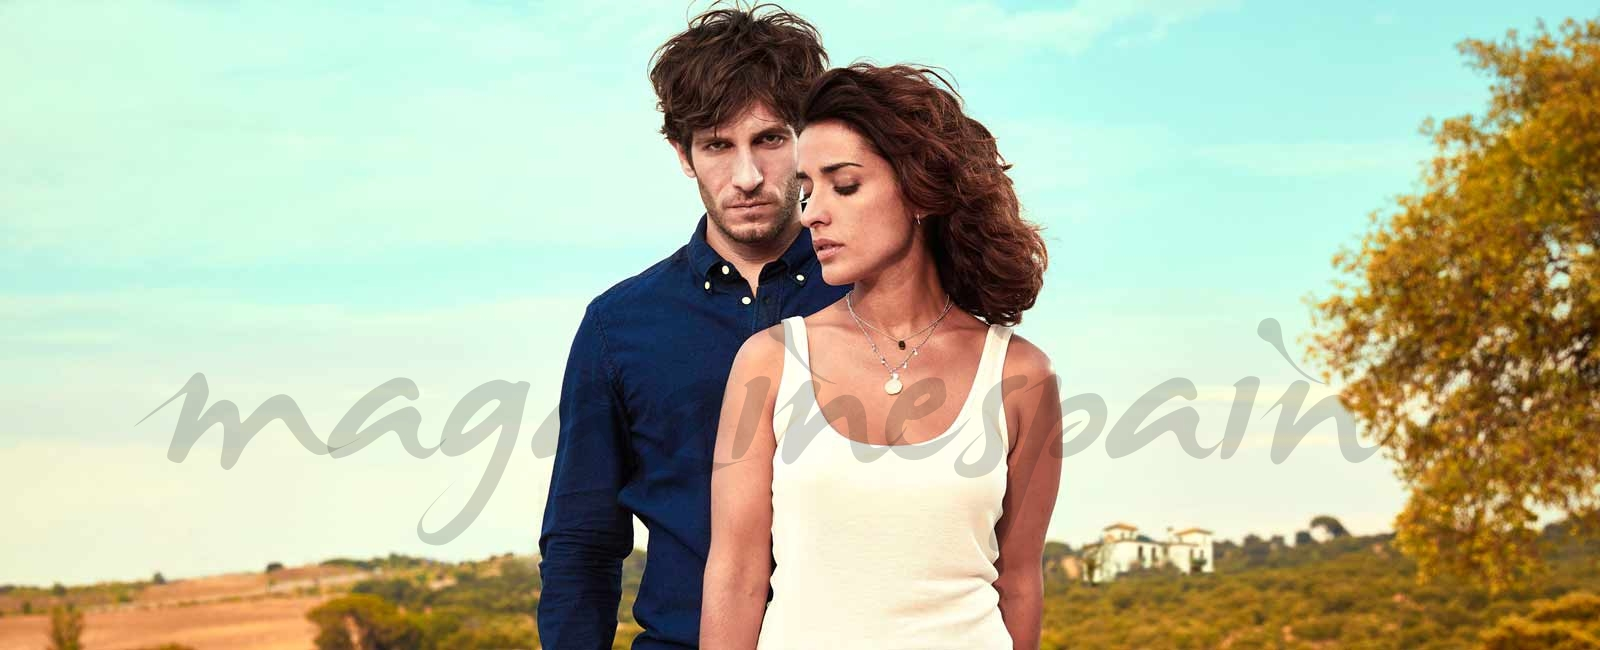 «El accidente», la nueva serie de Telecinco, protagonizada por Inma Cuesta y Quim Gutiérrez